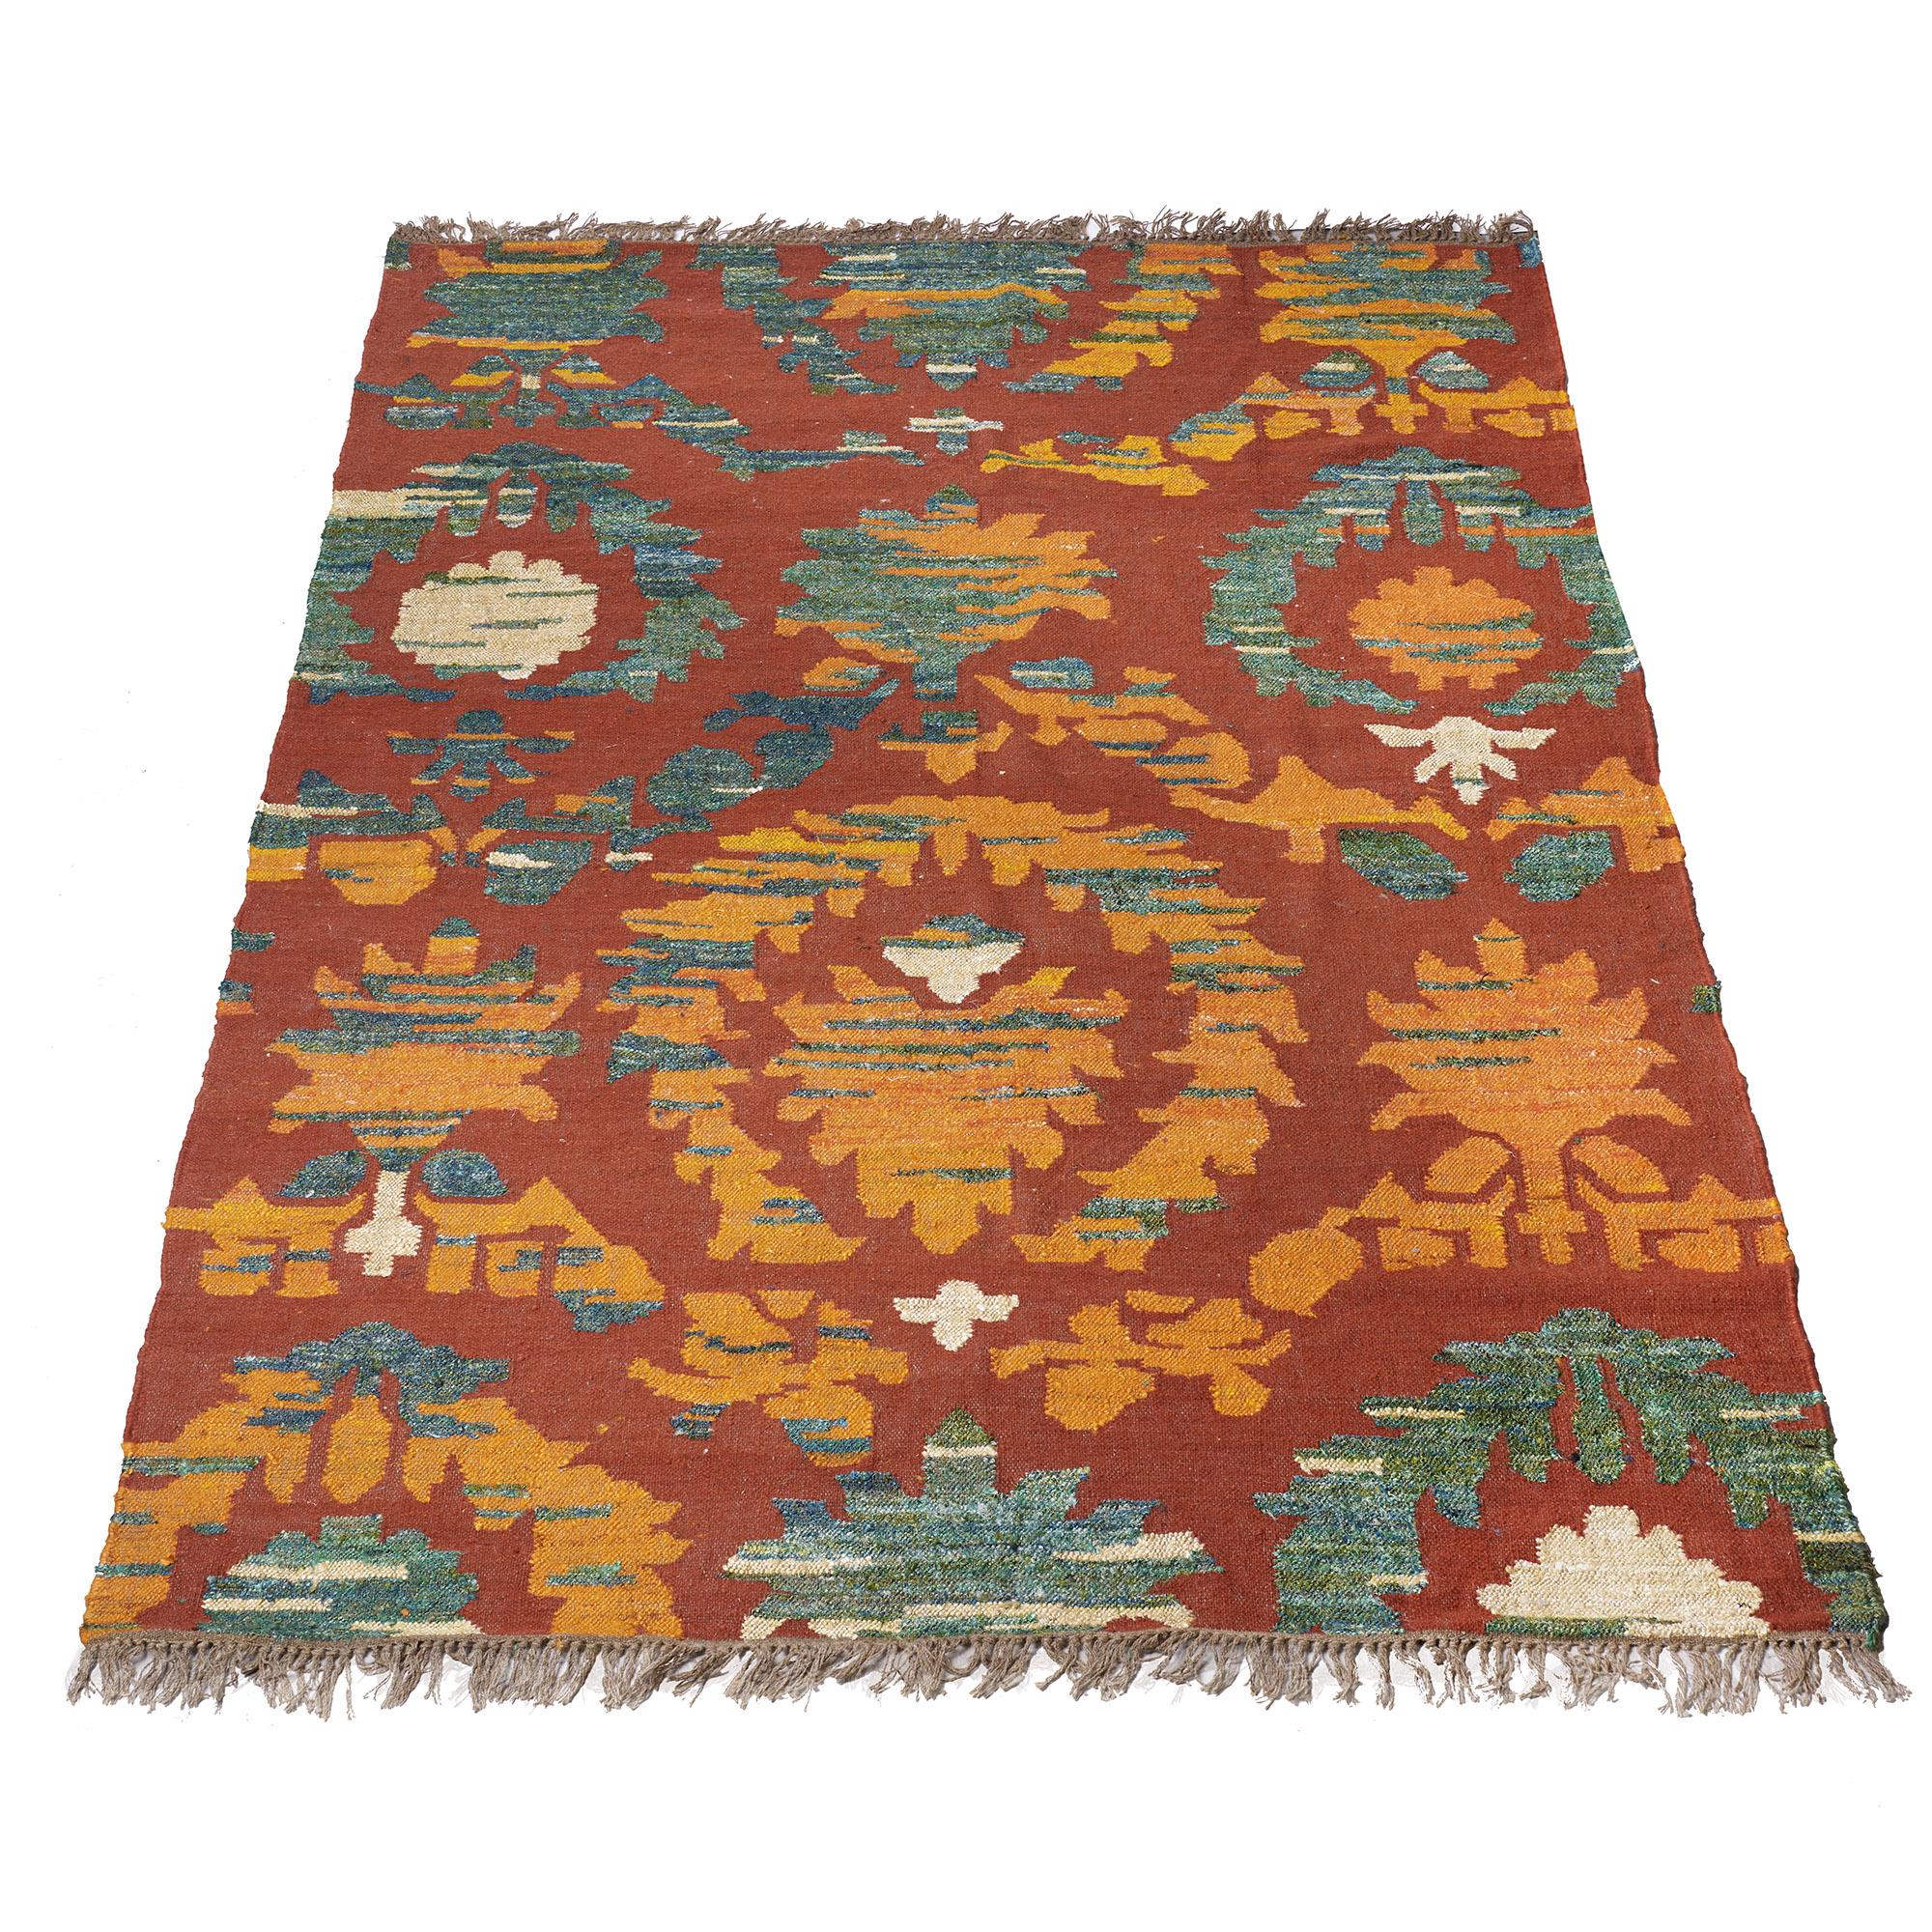 Alfombra de lana y seda, rojo, naranja, y verde 1.80 x 2.50 m